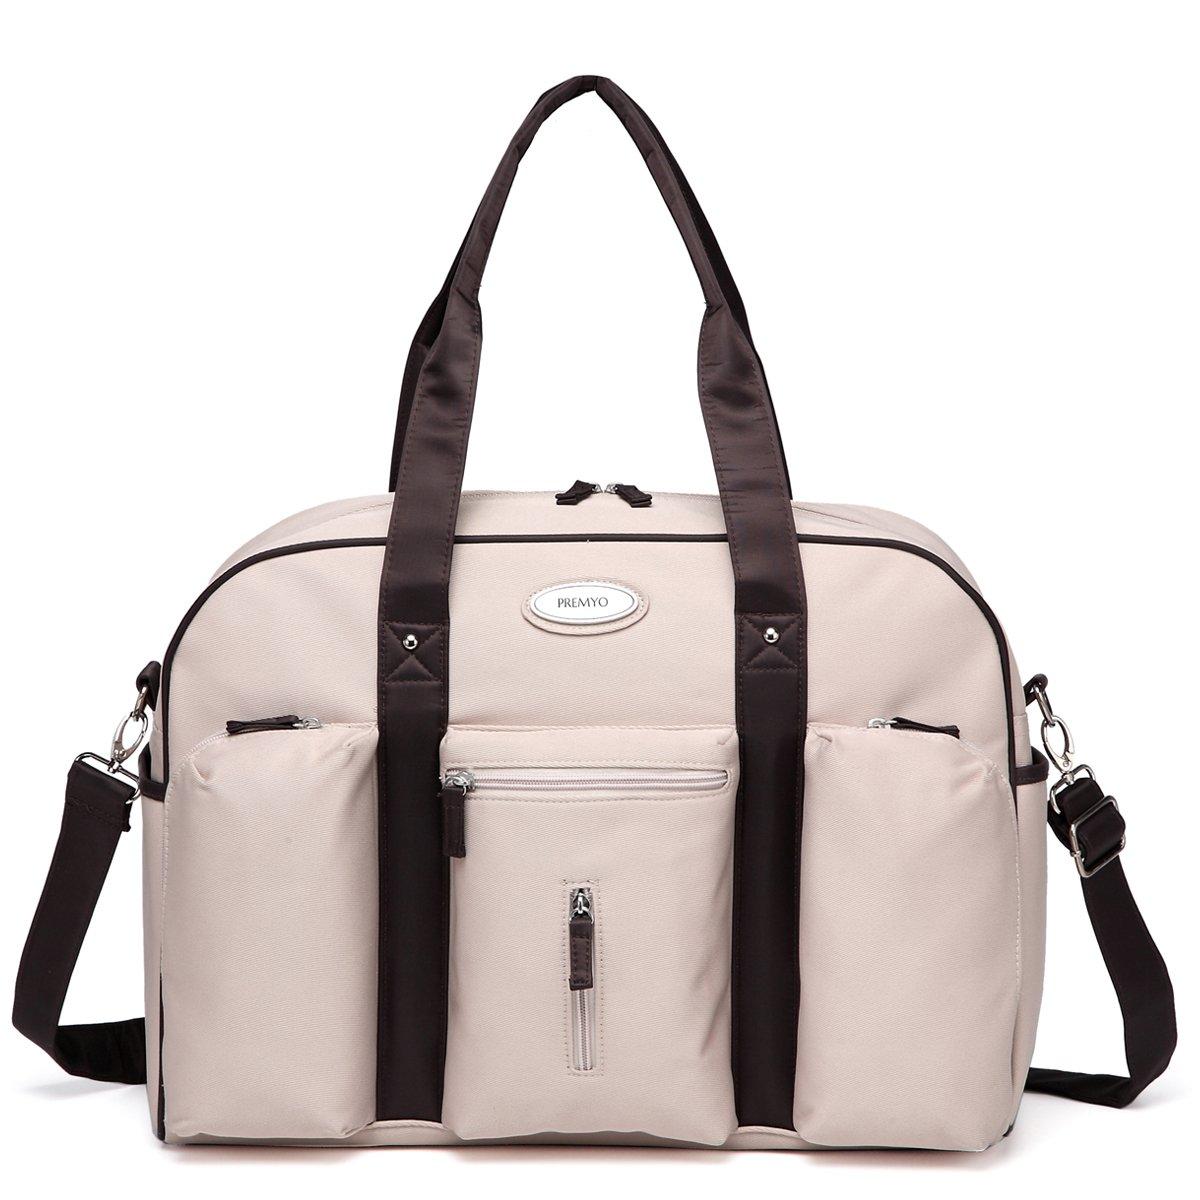 PREMYO Wickeltasche mit Wickelunterlage und Kinderwagenbefestigung in Beige. Elegante Wickeltasche mit Thermofach für unterwegs. Moderne Wickeltasche mit Reißverschluss und vielen Fächern